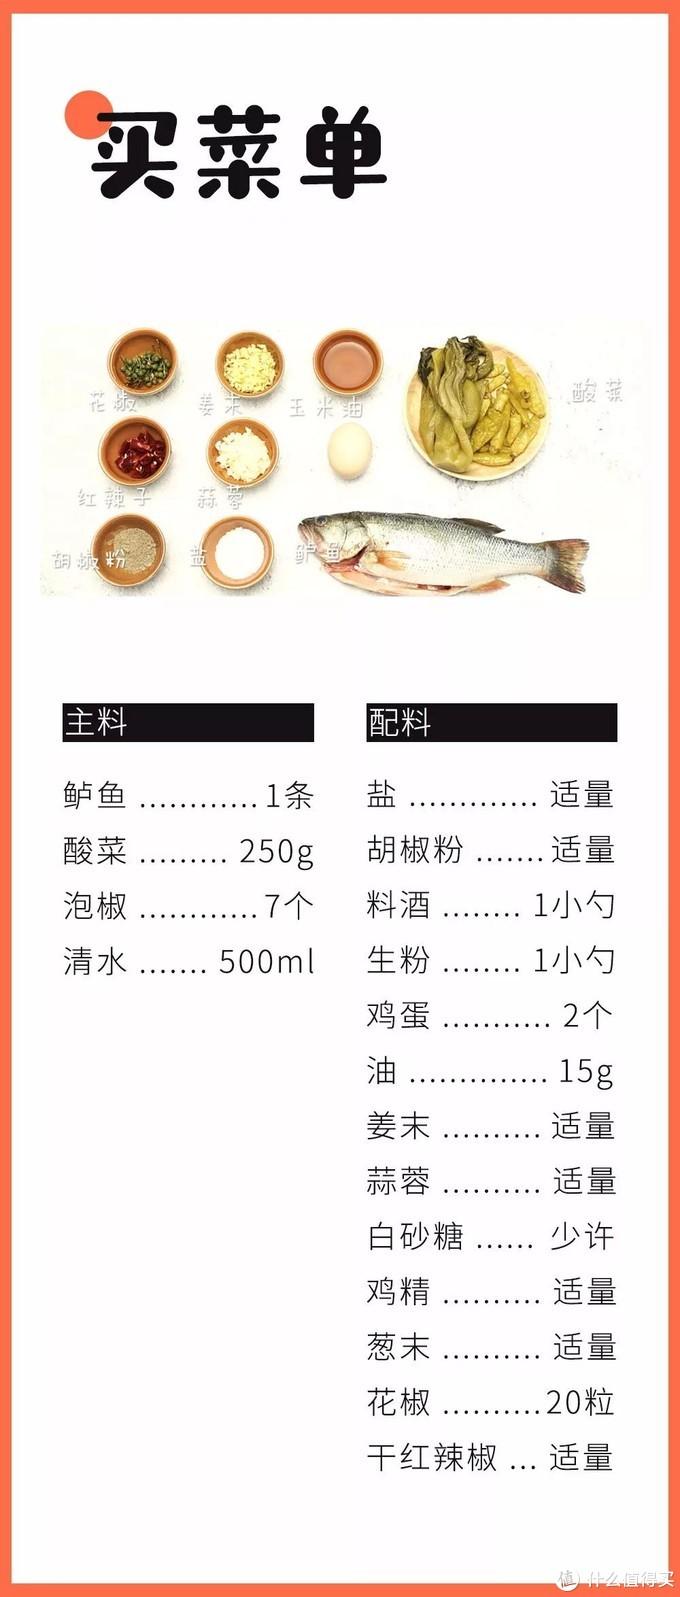 全国人民都爱的酸菜鱼,手把手教你!